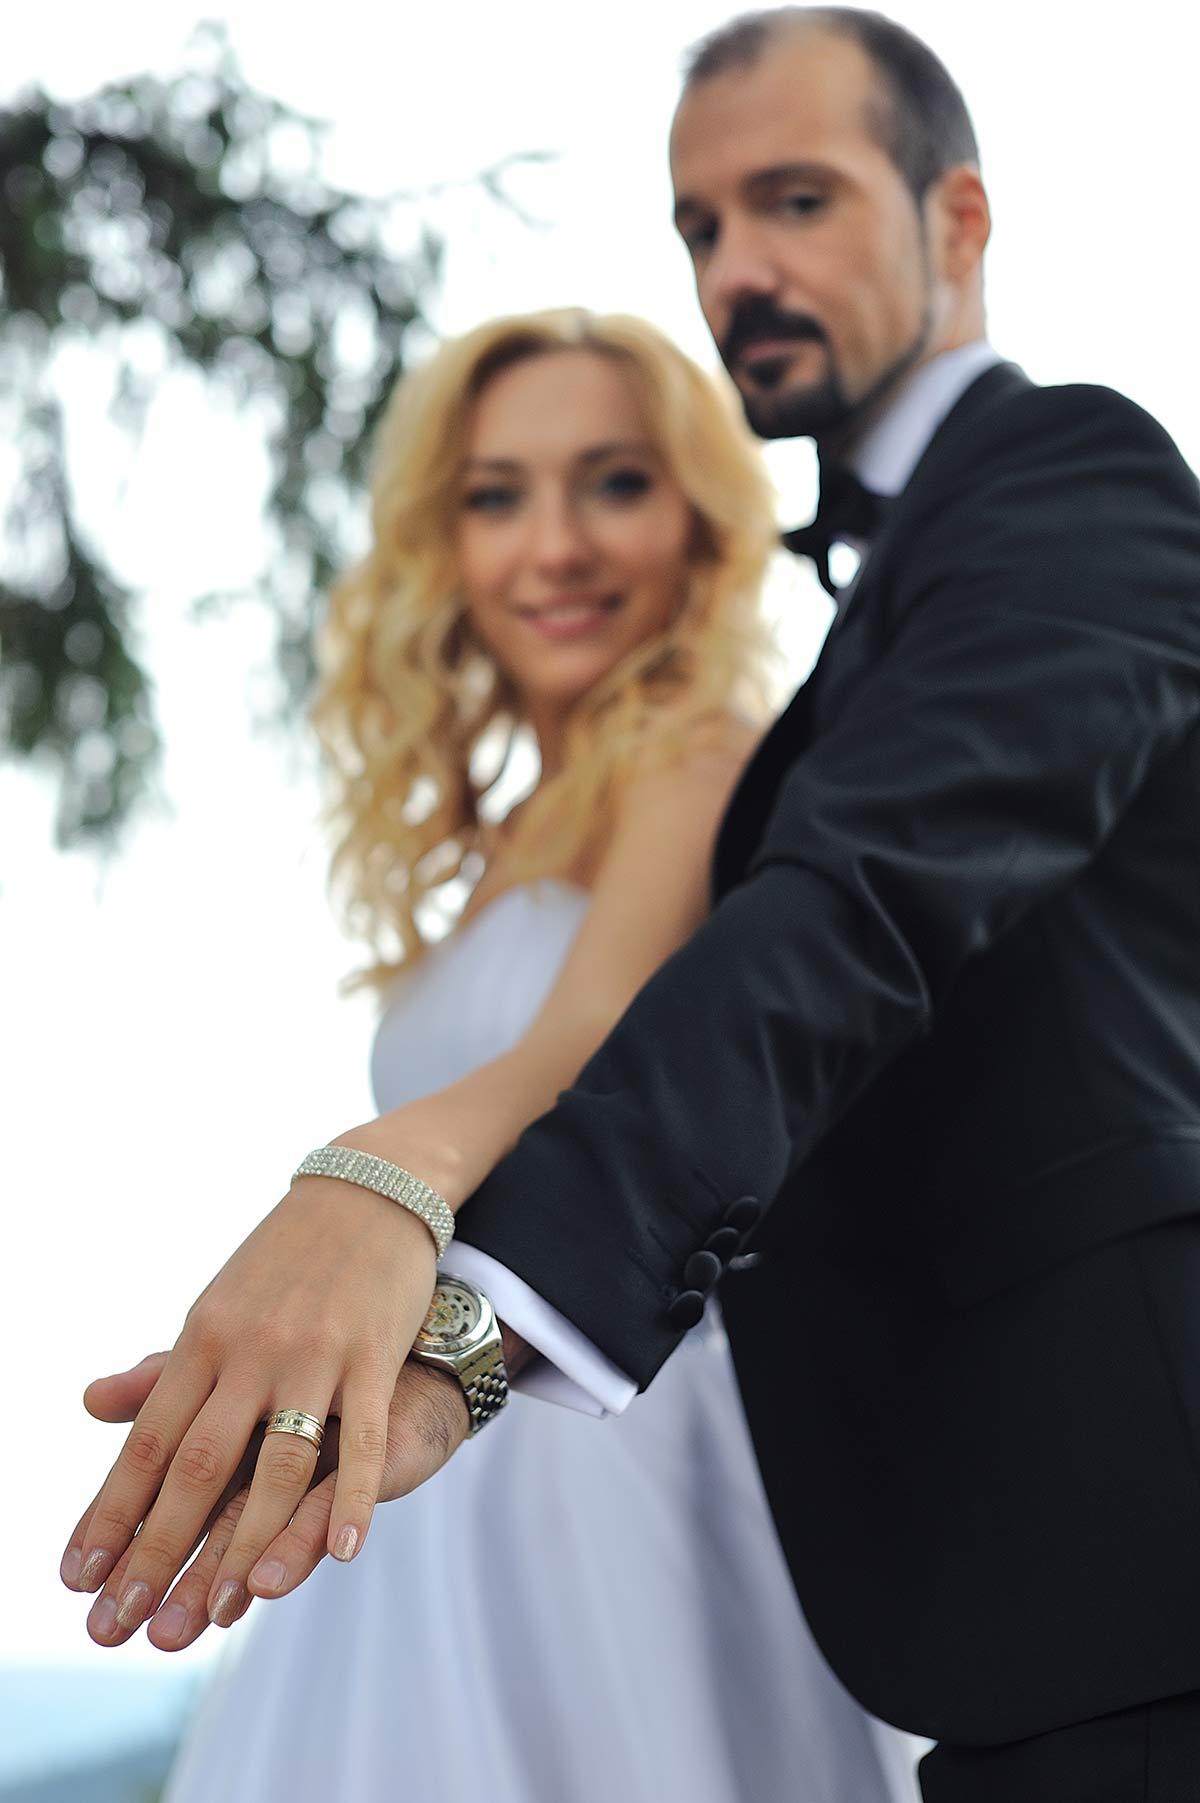 fotograf Bacau, foto nunta Bacau